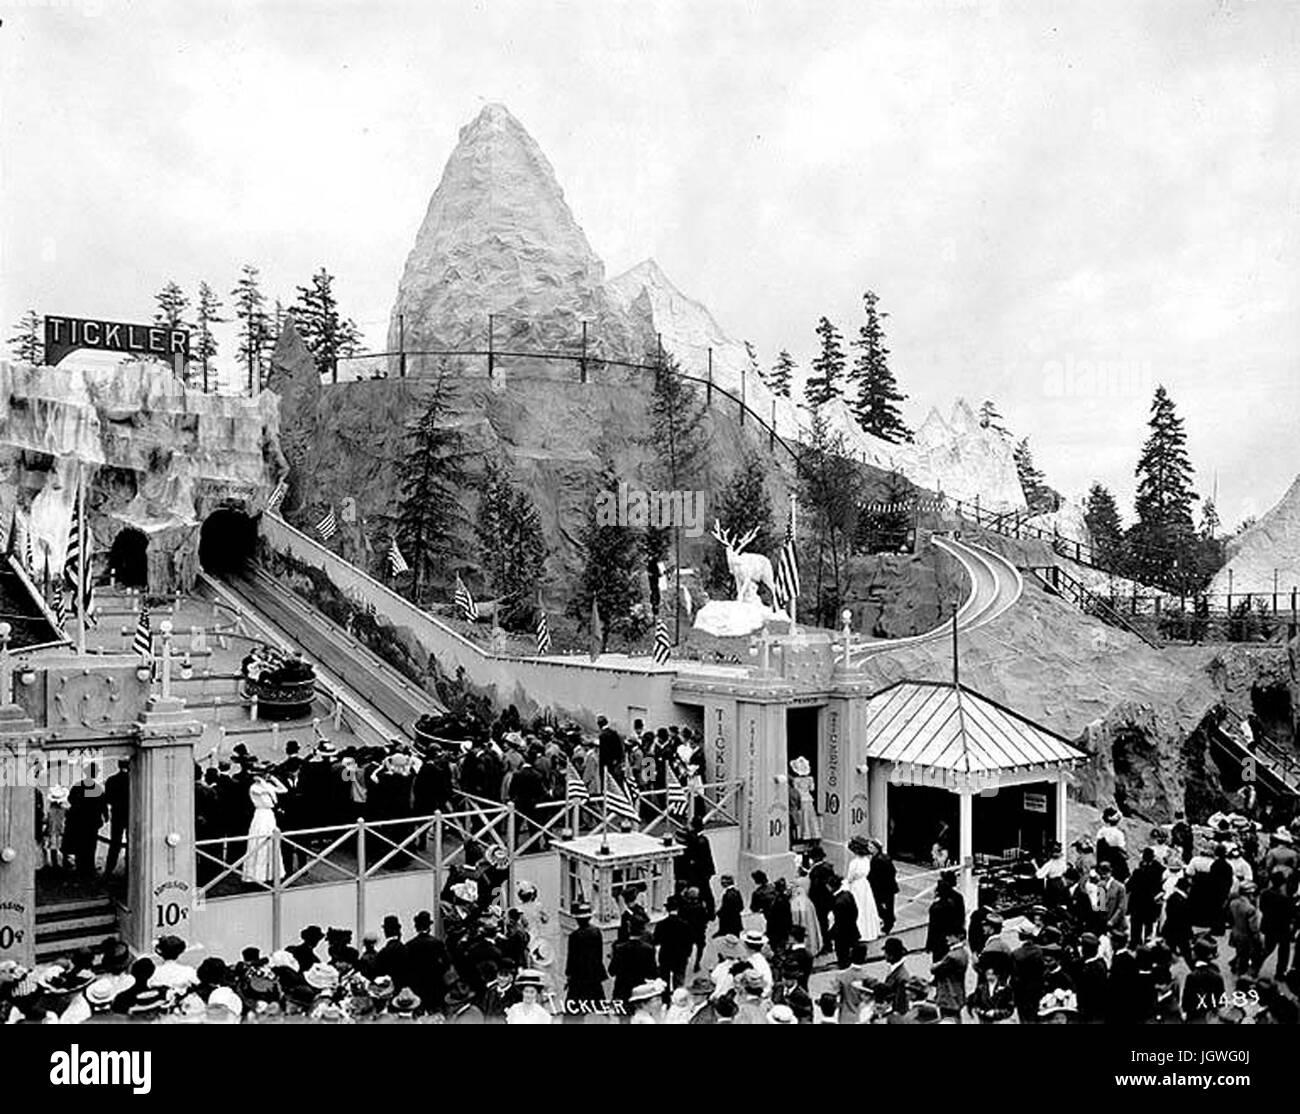 Alaska-Yukon-Pacific Exposition in Seattle, 1909 - Fairy Gorge Stock